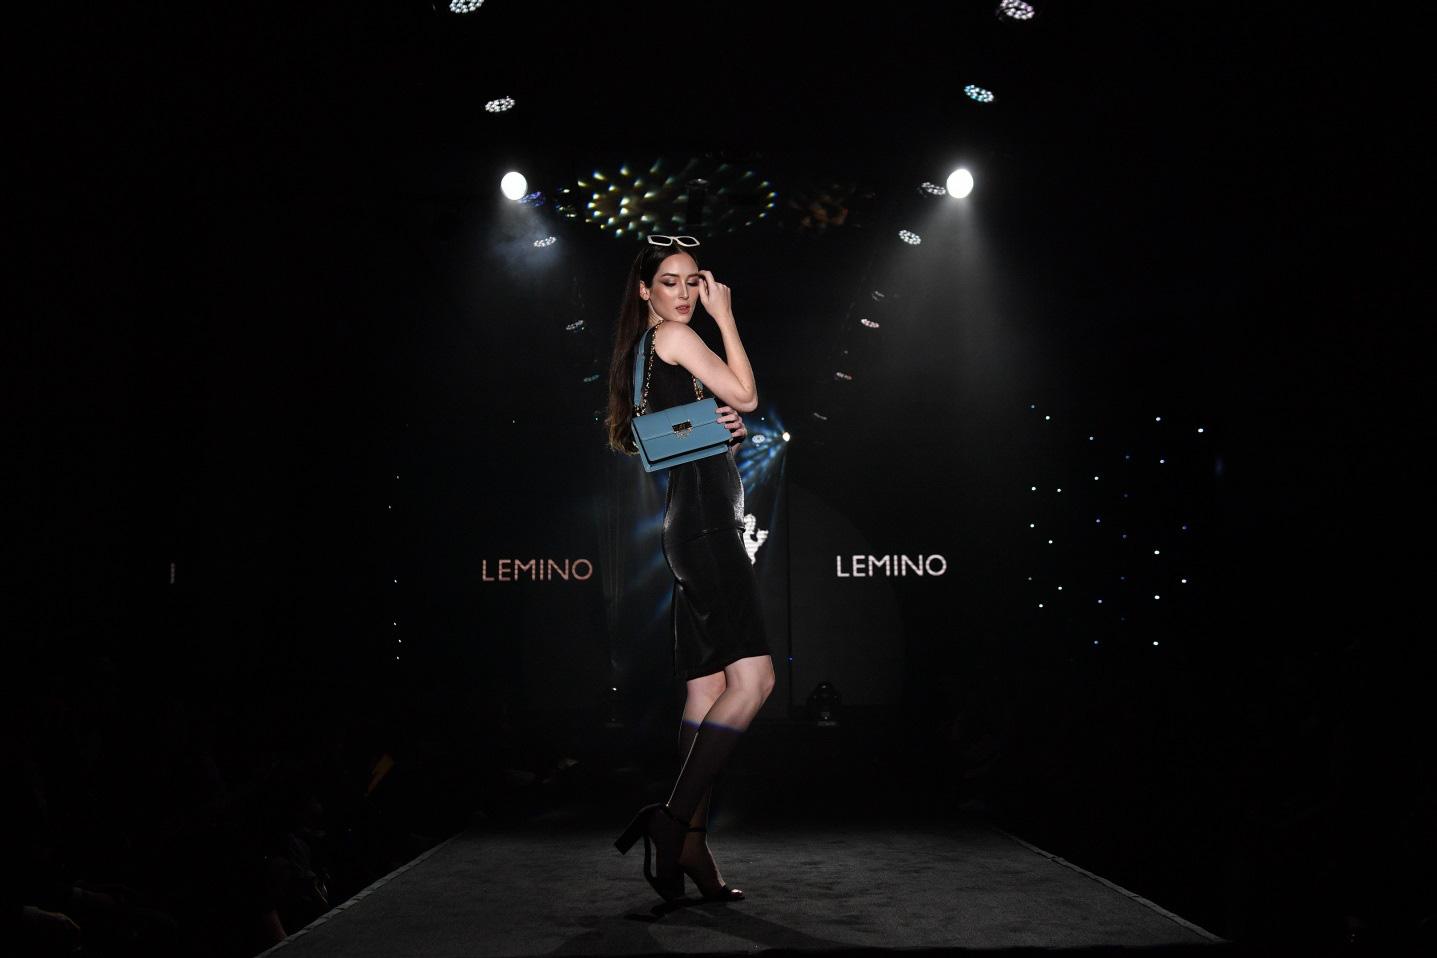 LEMINO Xuân – Hè 2021: Khúc giao mùa của những cô gái thành thị lấy cảm hứng từ nước Ý - Ảnh 2.